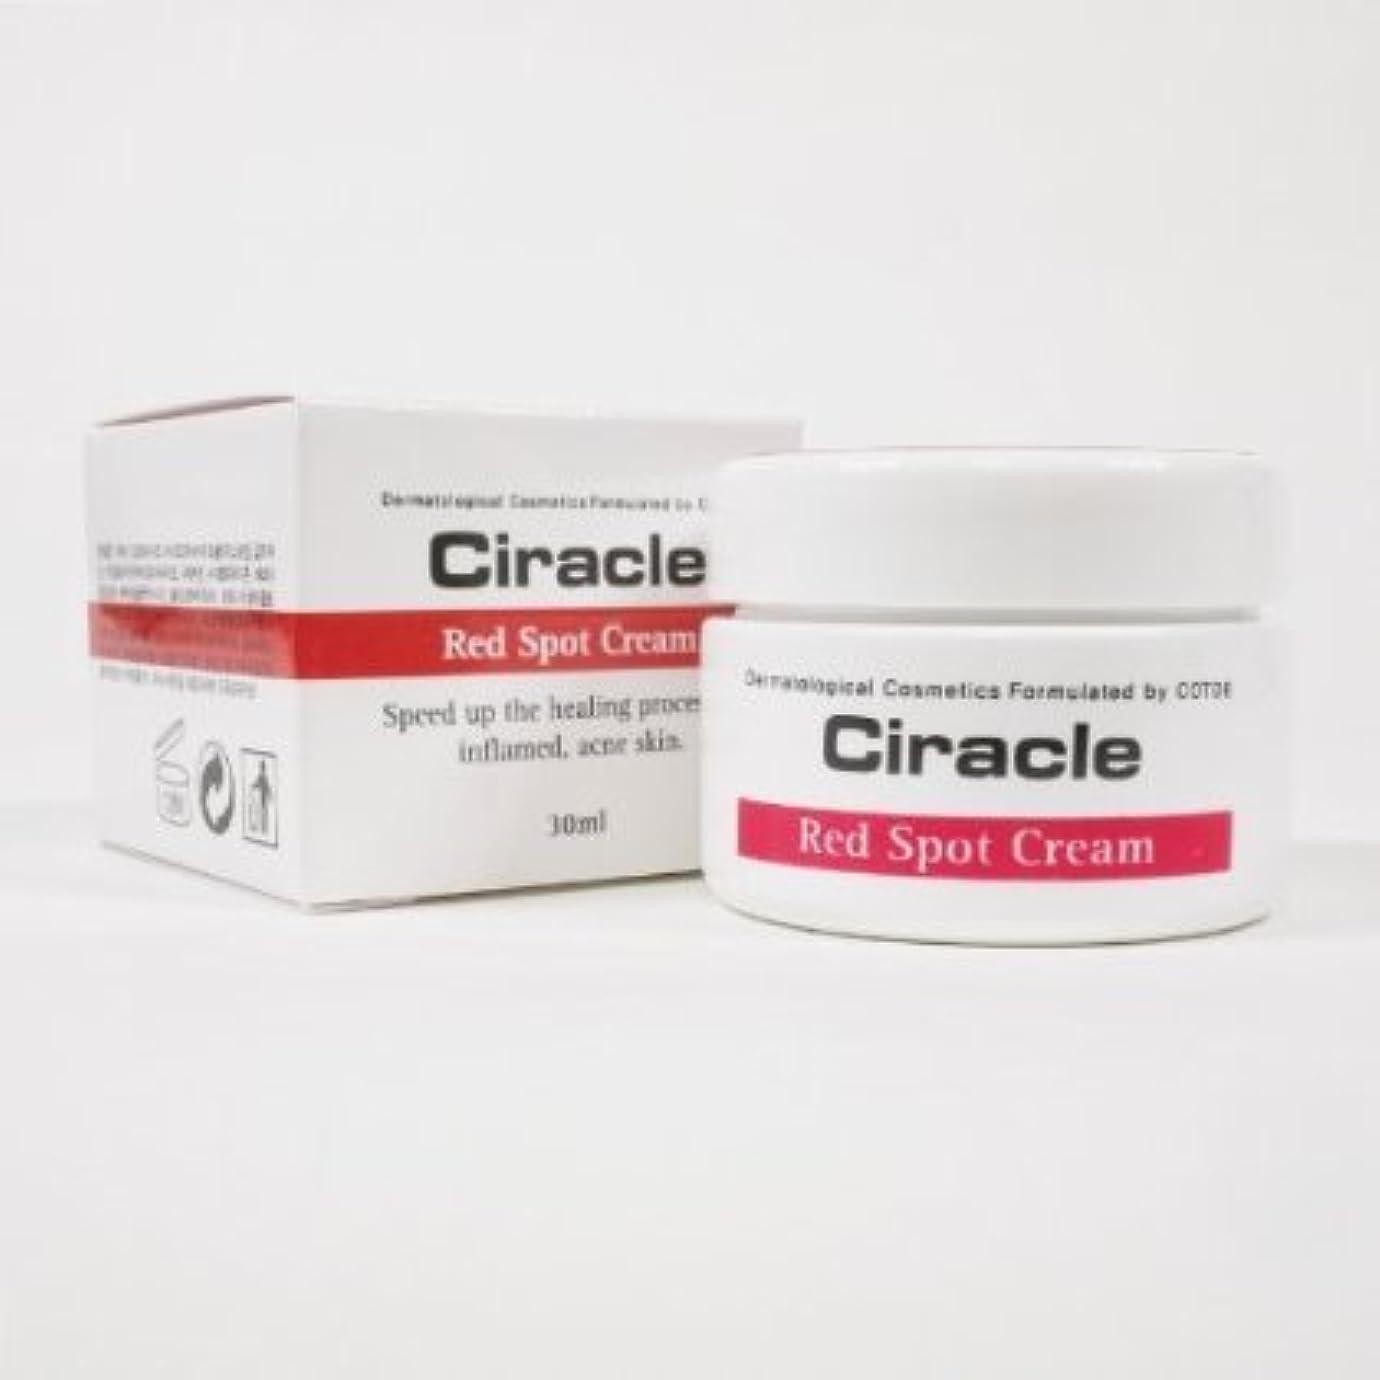 ステレオヒューズ原始的なCiracle レッド スポット クリーム /Red Spot Cream (30ml )